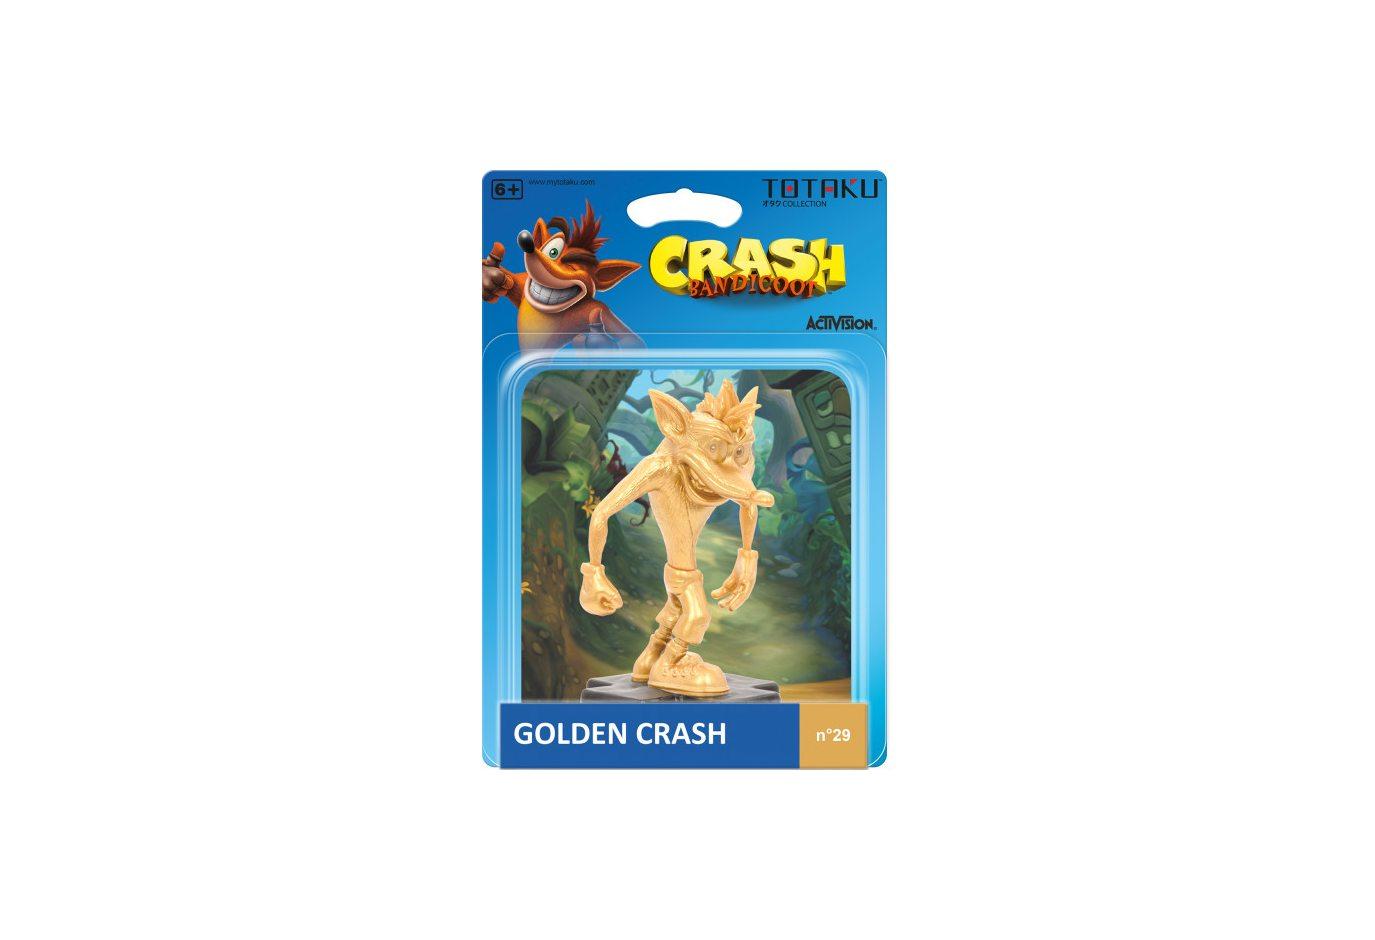 Фигурка TOTAKU Collection: Crash Bandicoot Golden Crash. Limited Edition 10 см